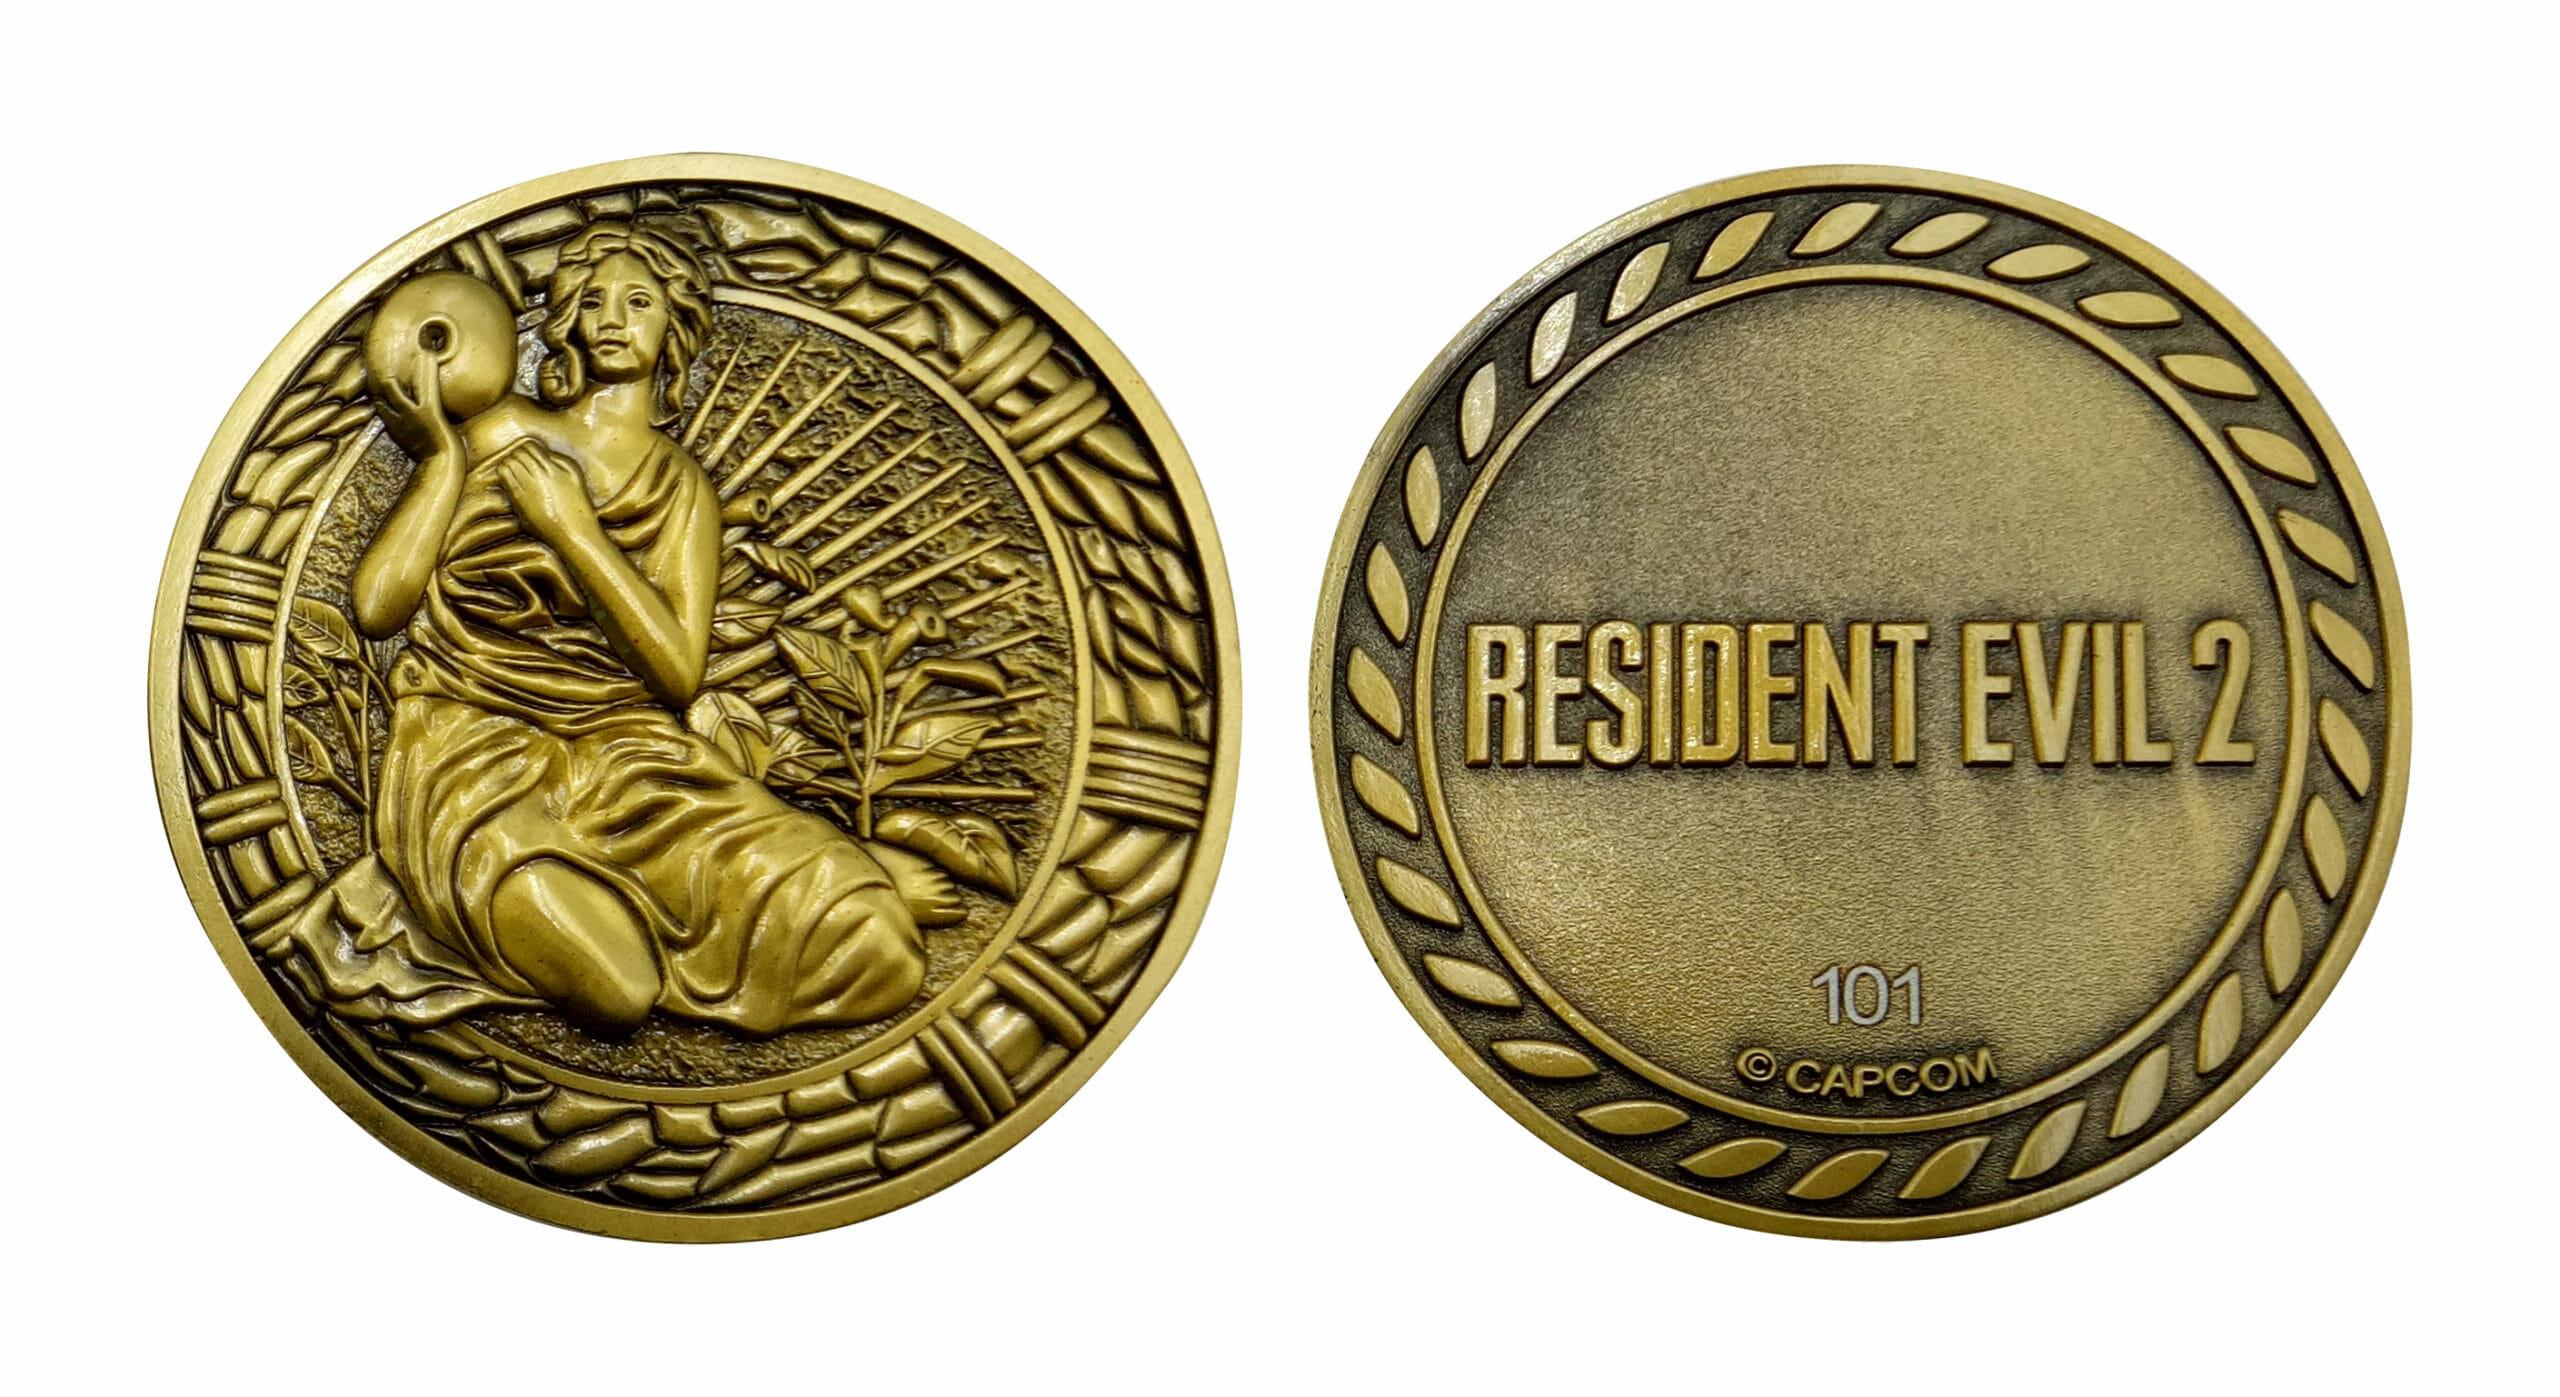 Resident Evil 2 Medallions - Maiden